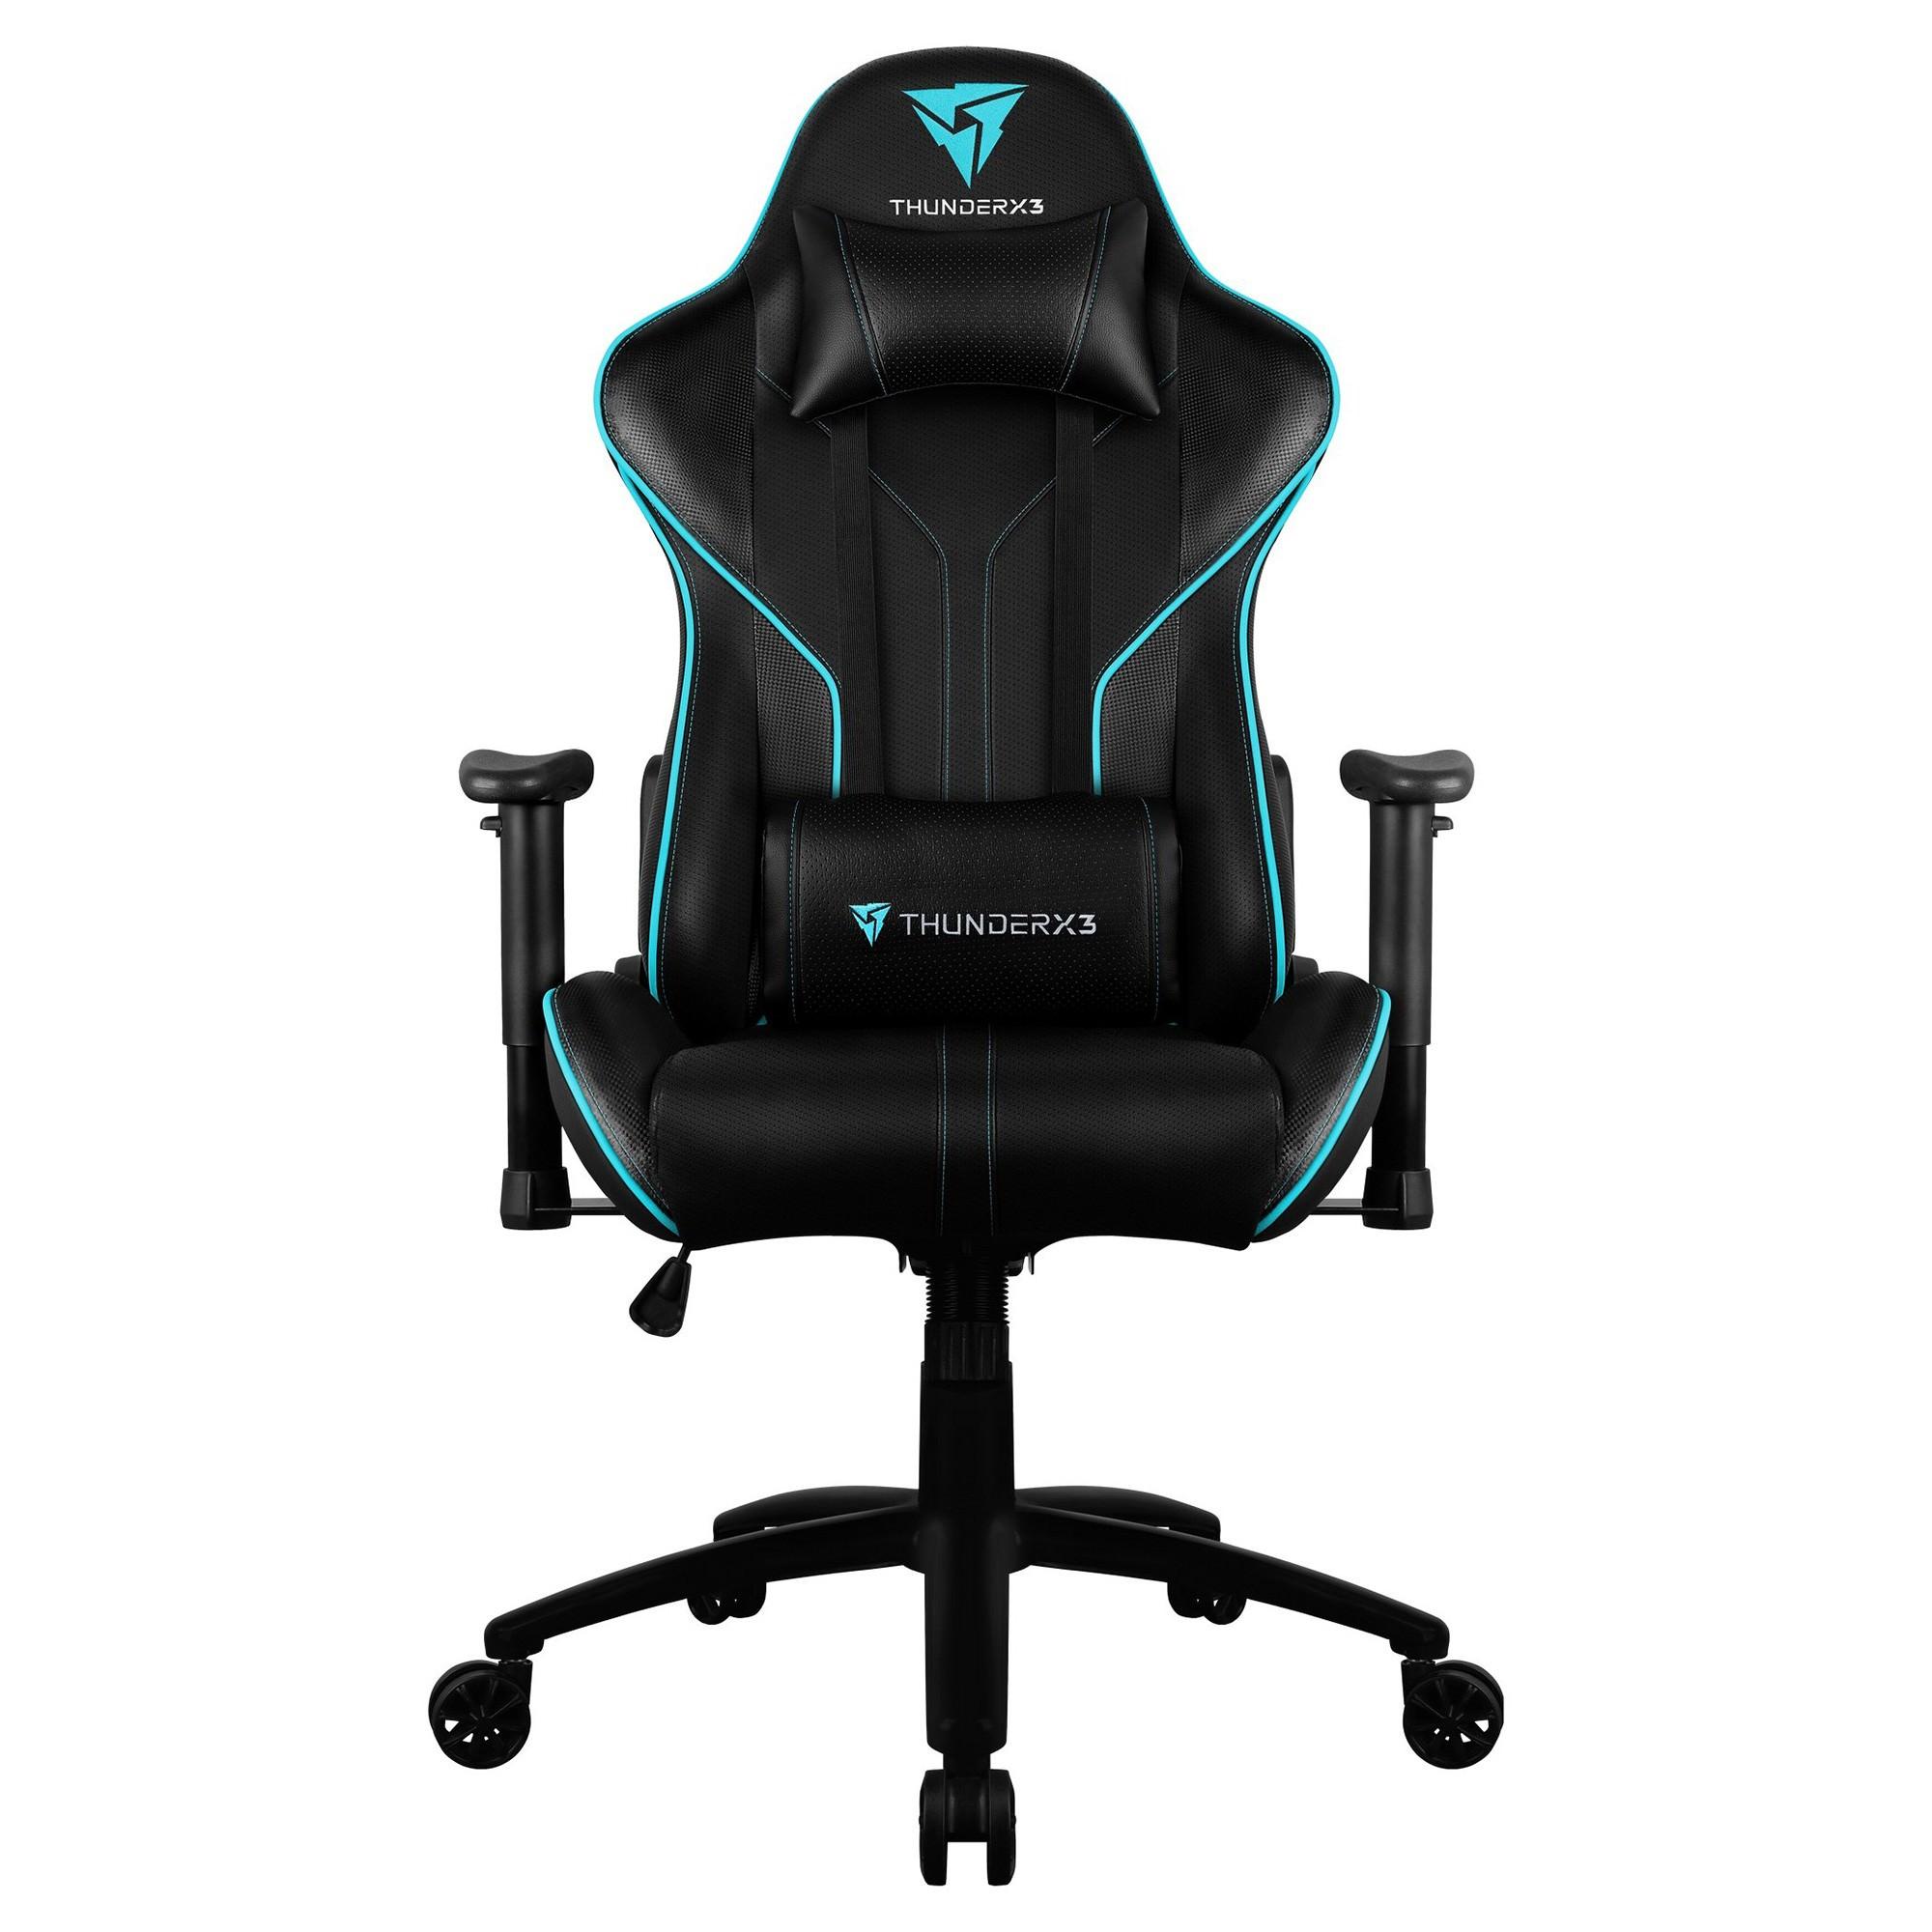 ThunderX3 RC3 HEX RGB Lighting Gaming Chair, Black / Cyan